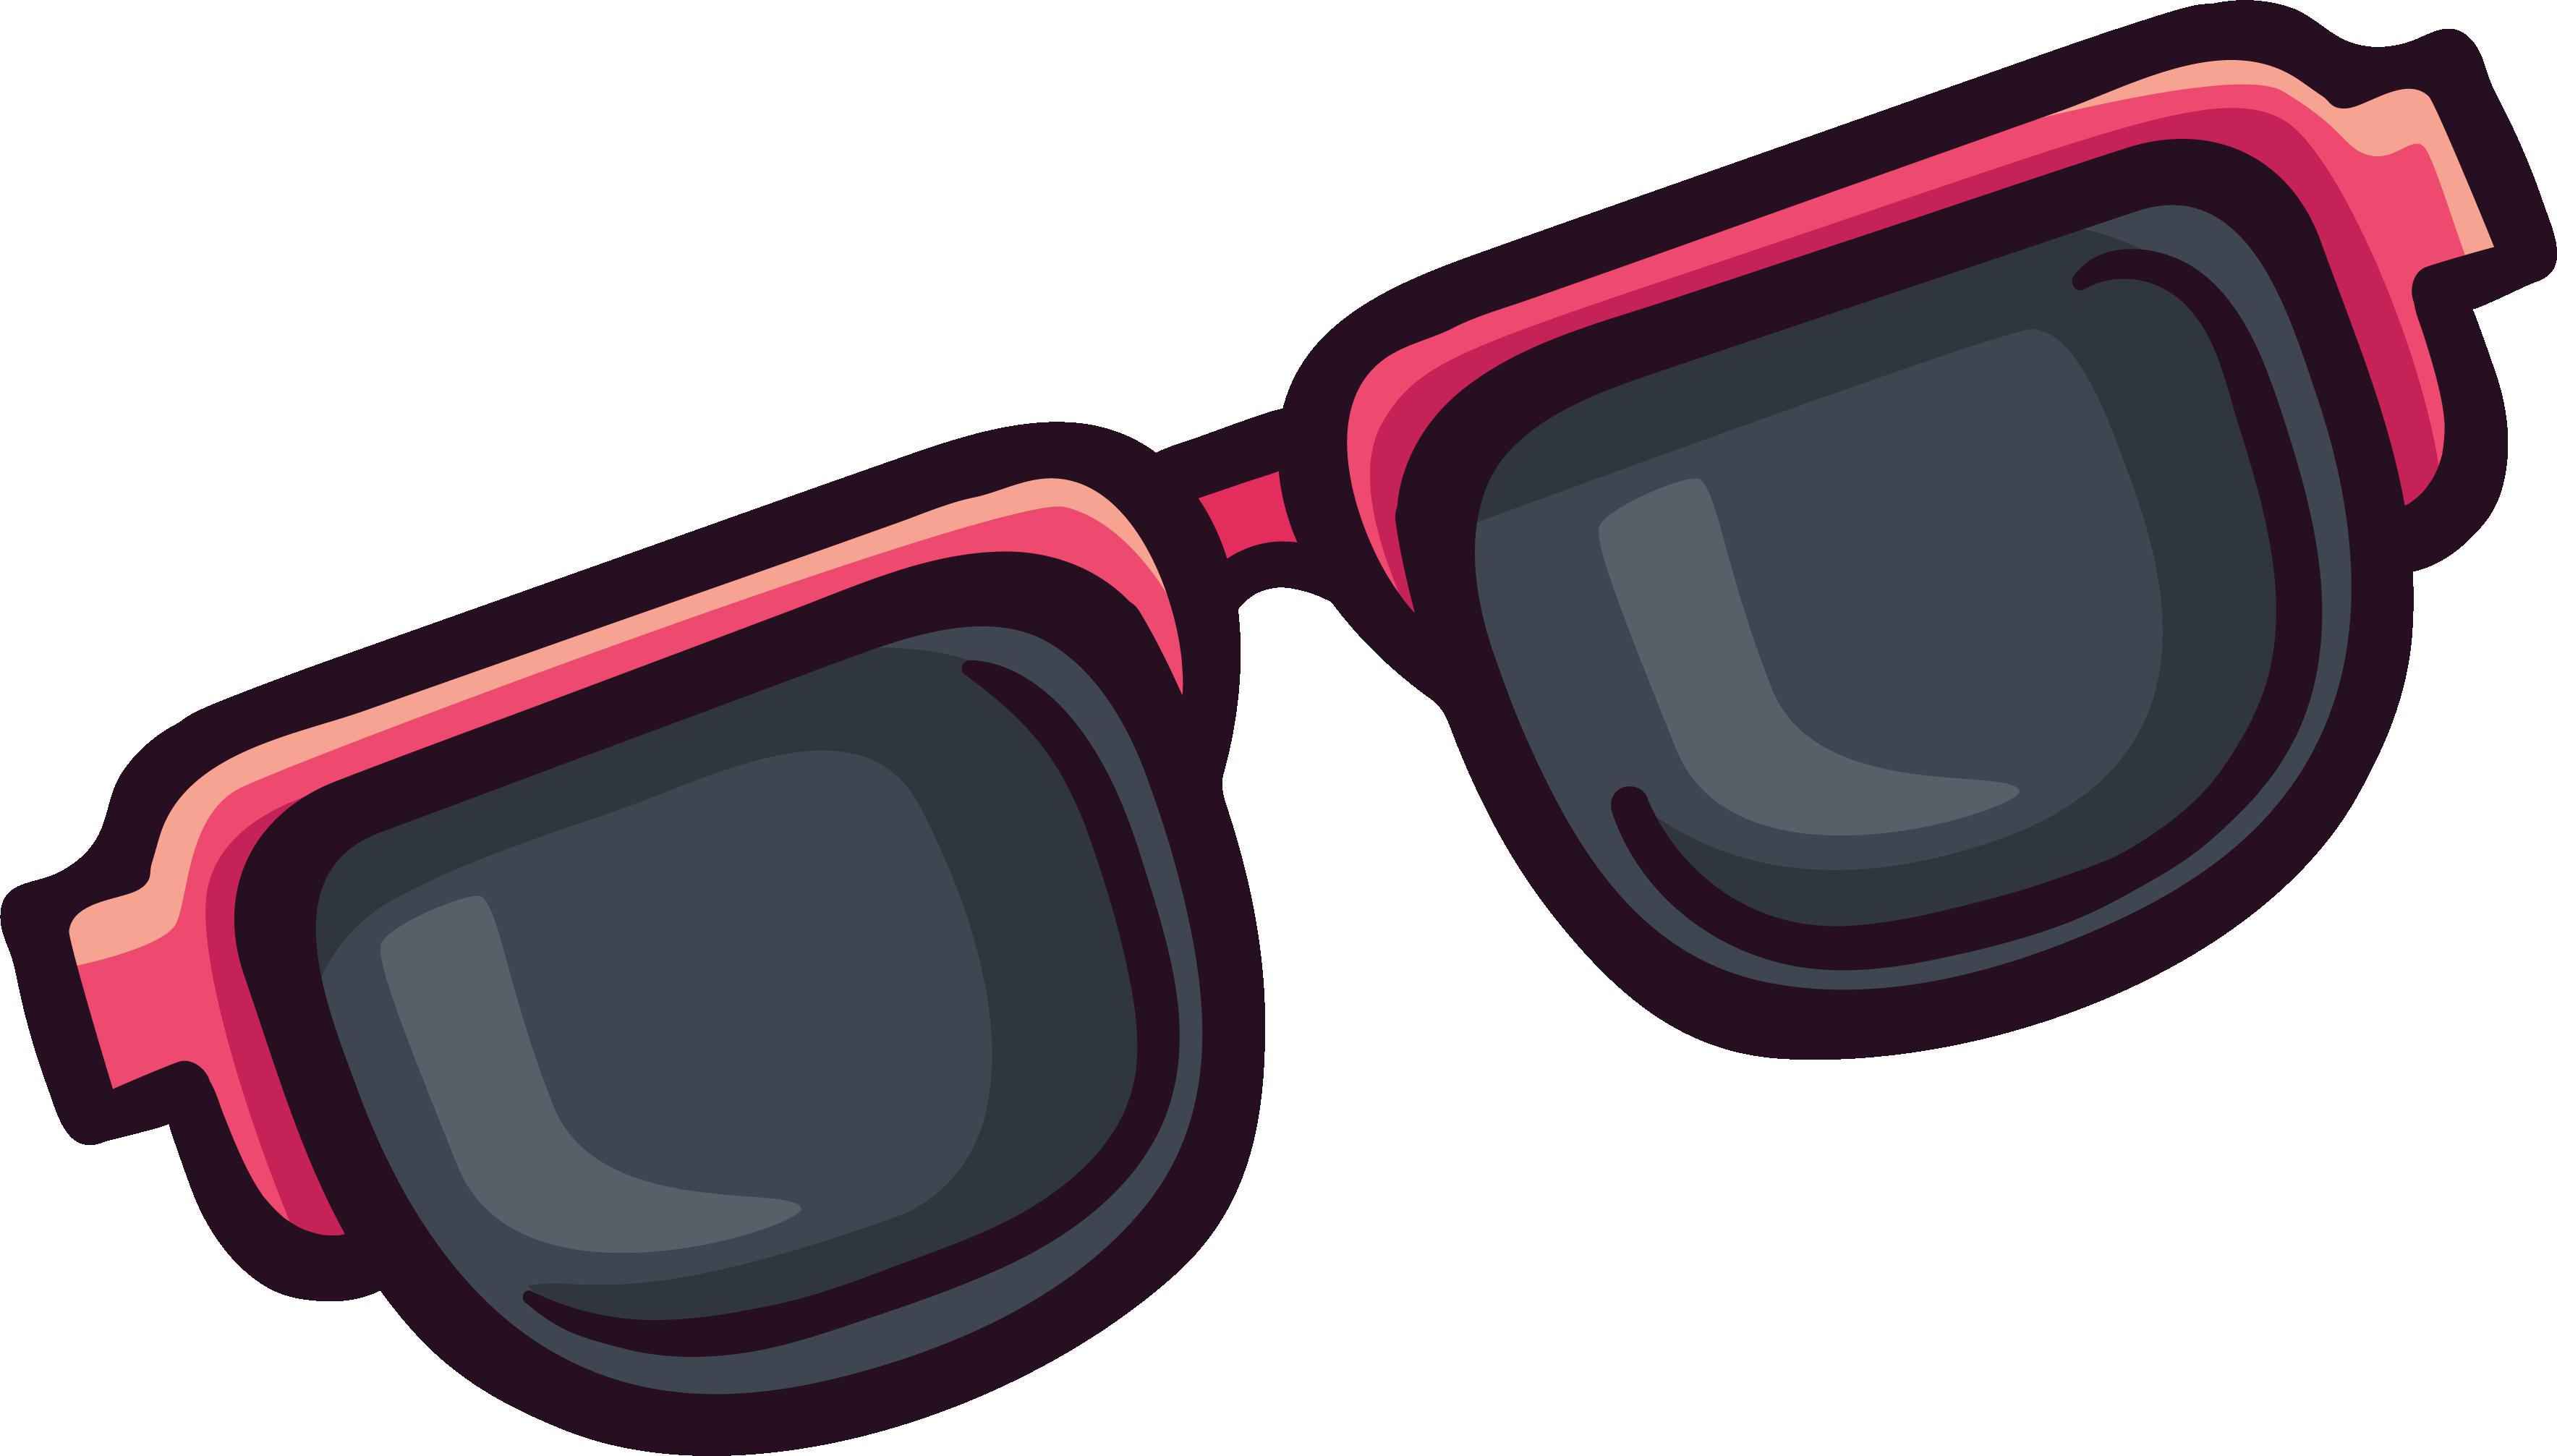 Sunglasses clipart purple. Goggles sticker clip art